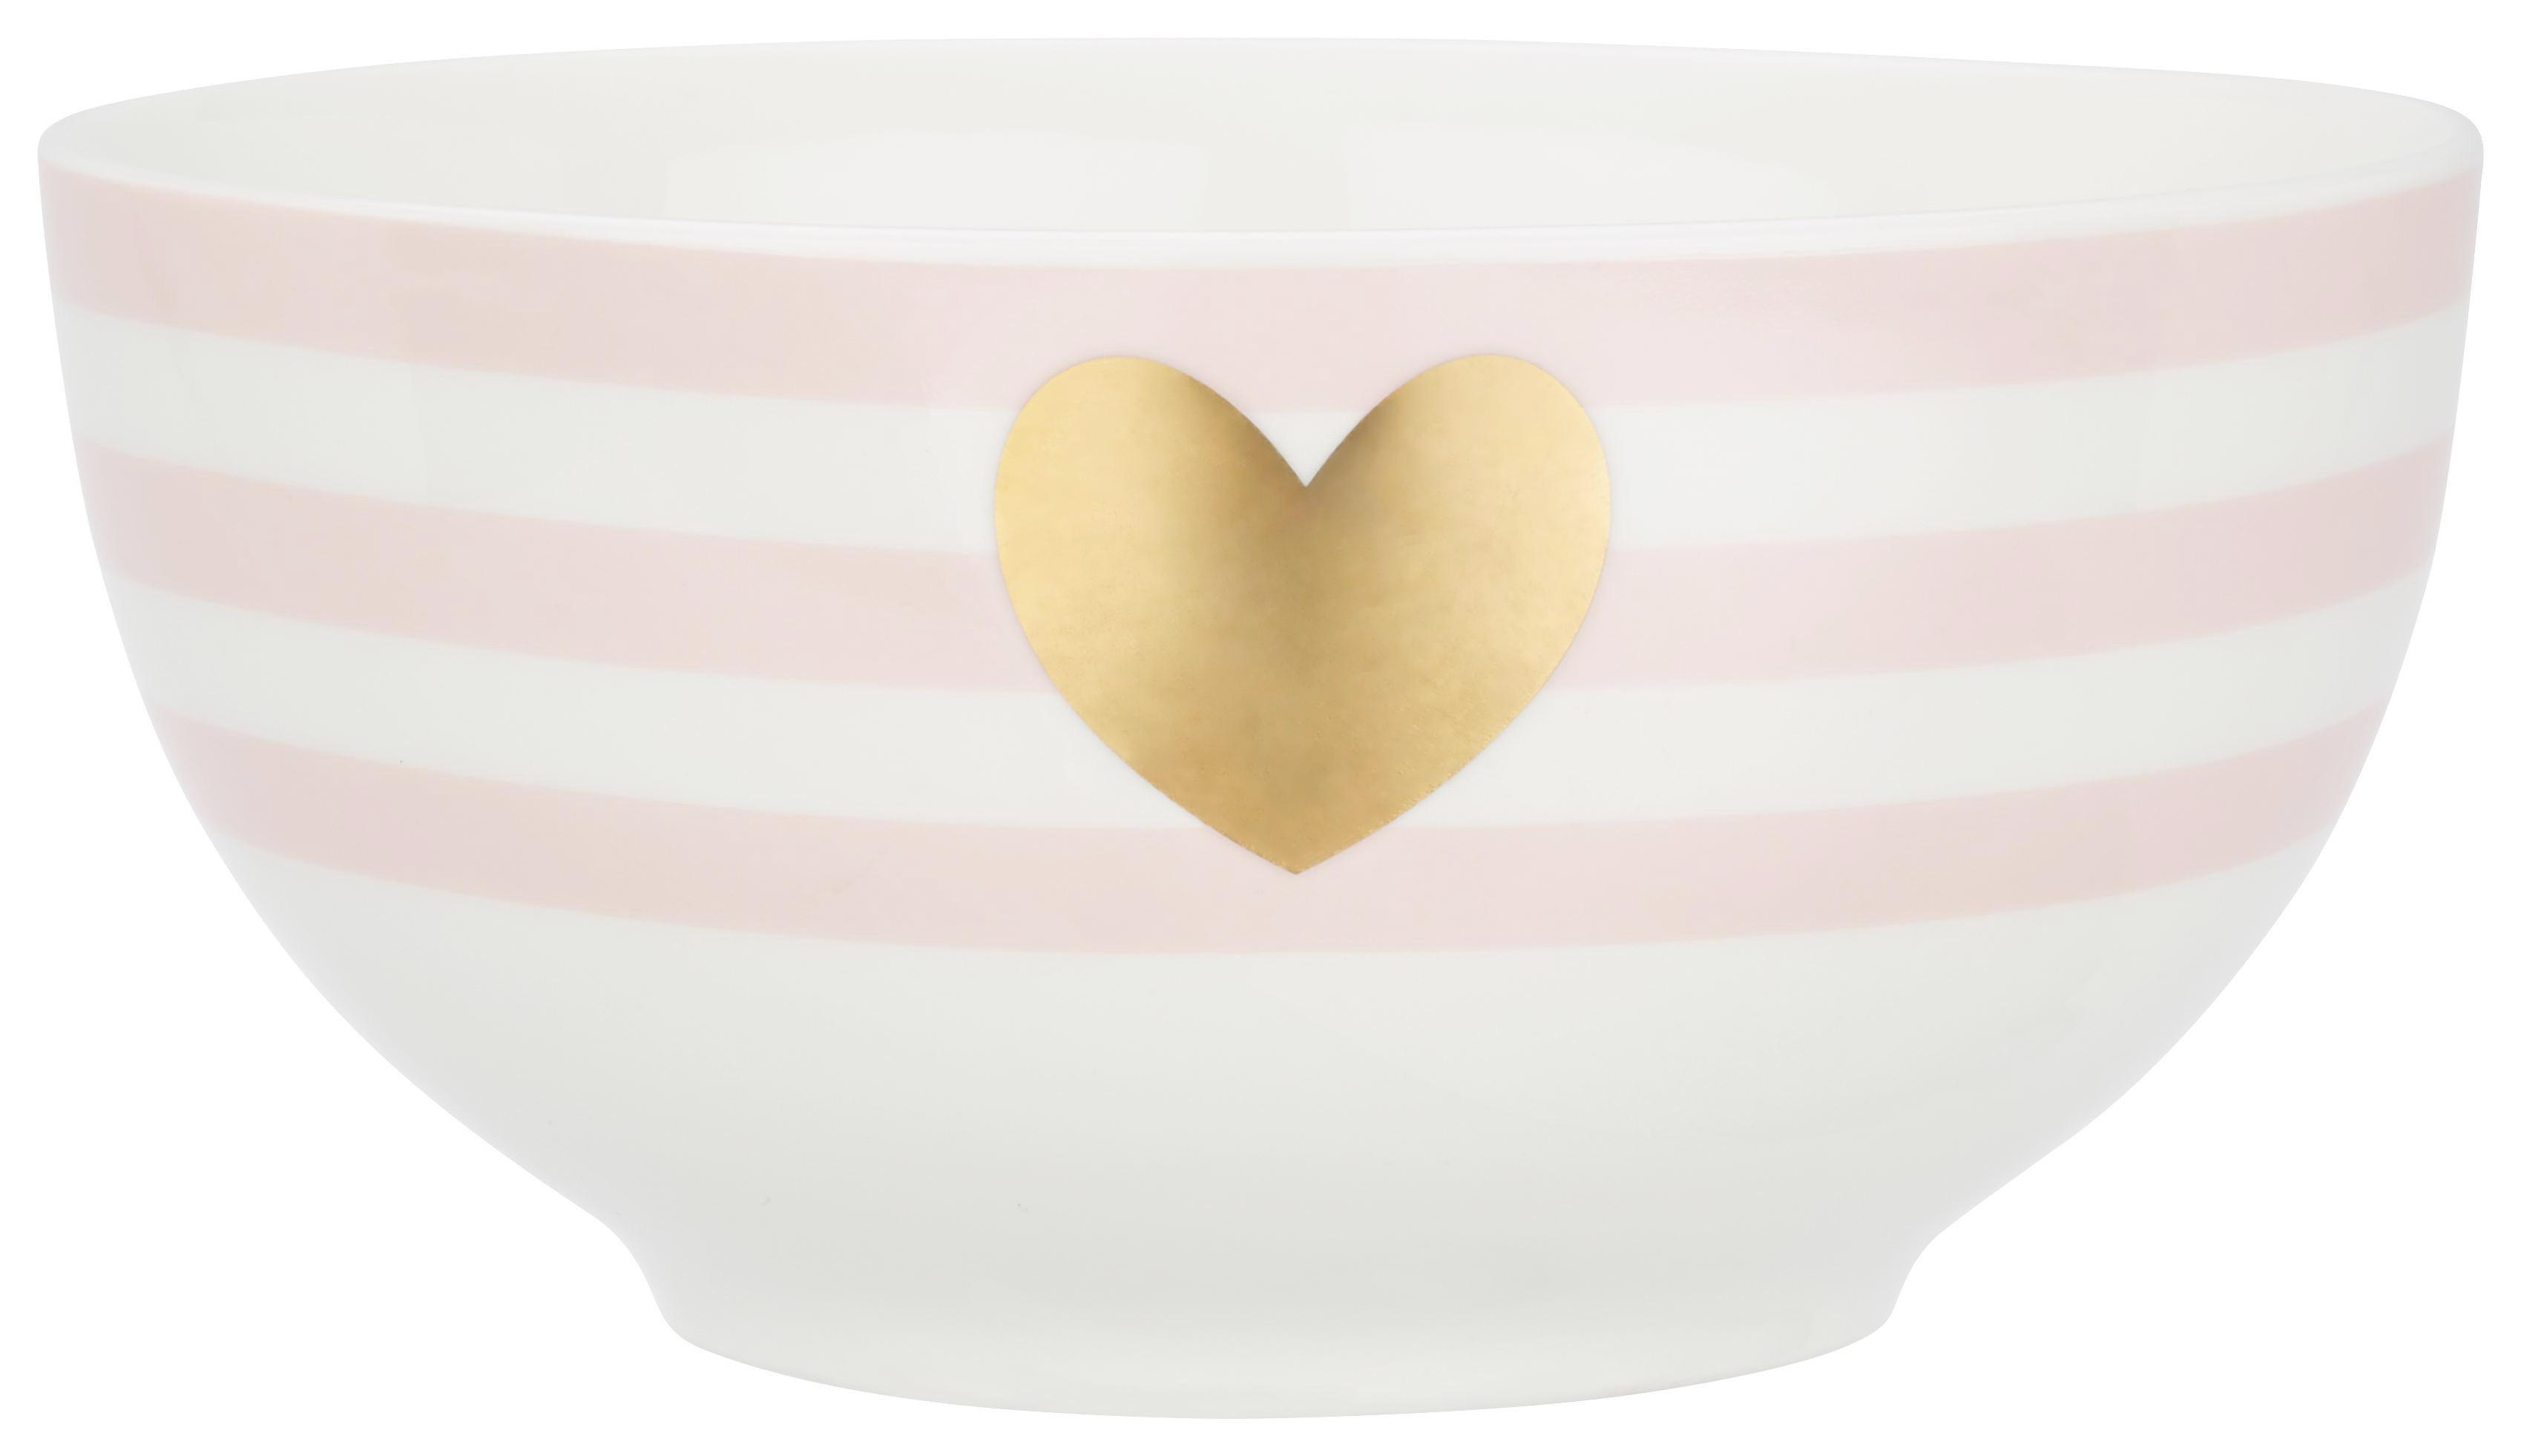 Müzlis Tál Bibi - rózsaszín/arany színű, romantikus/Landhaus, kerámia (14cm) - MÖMAX modern living